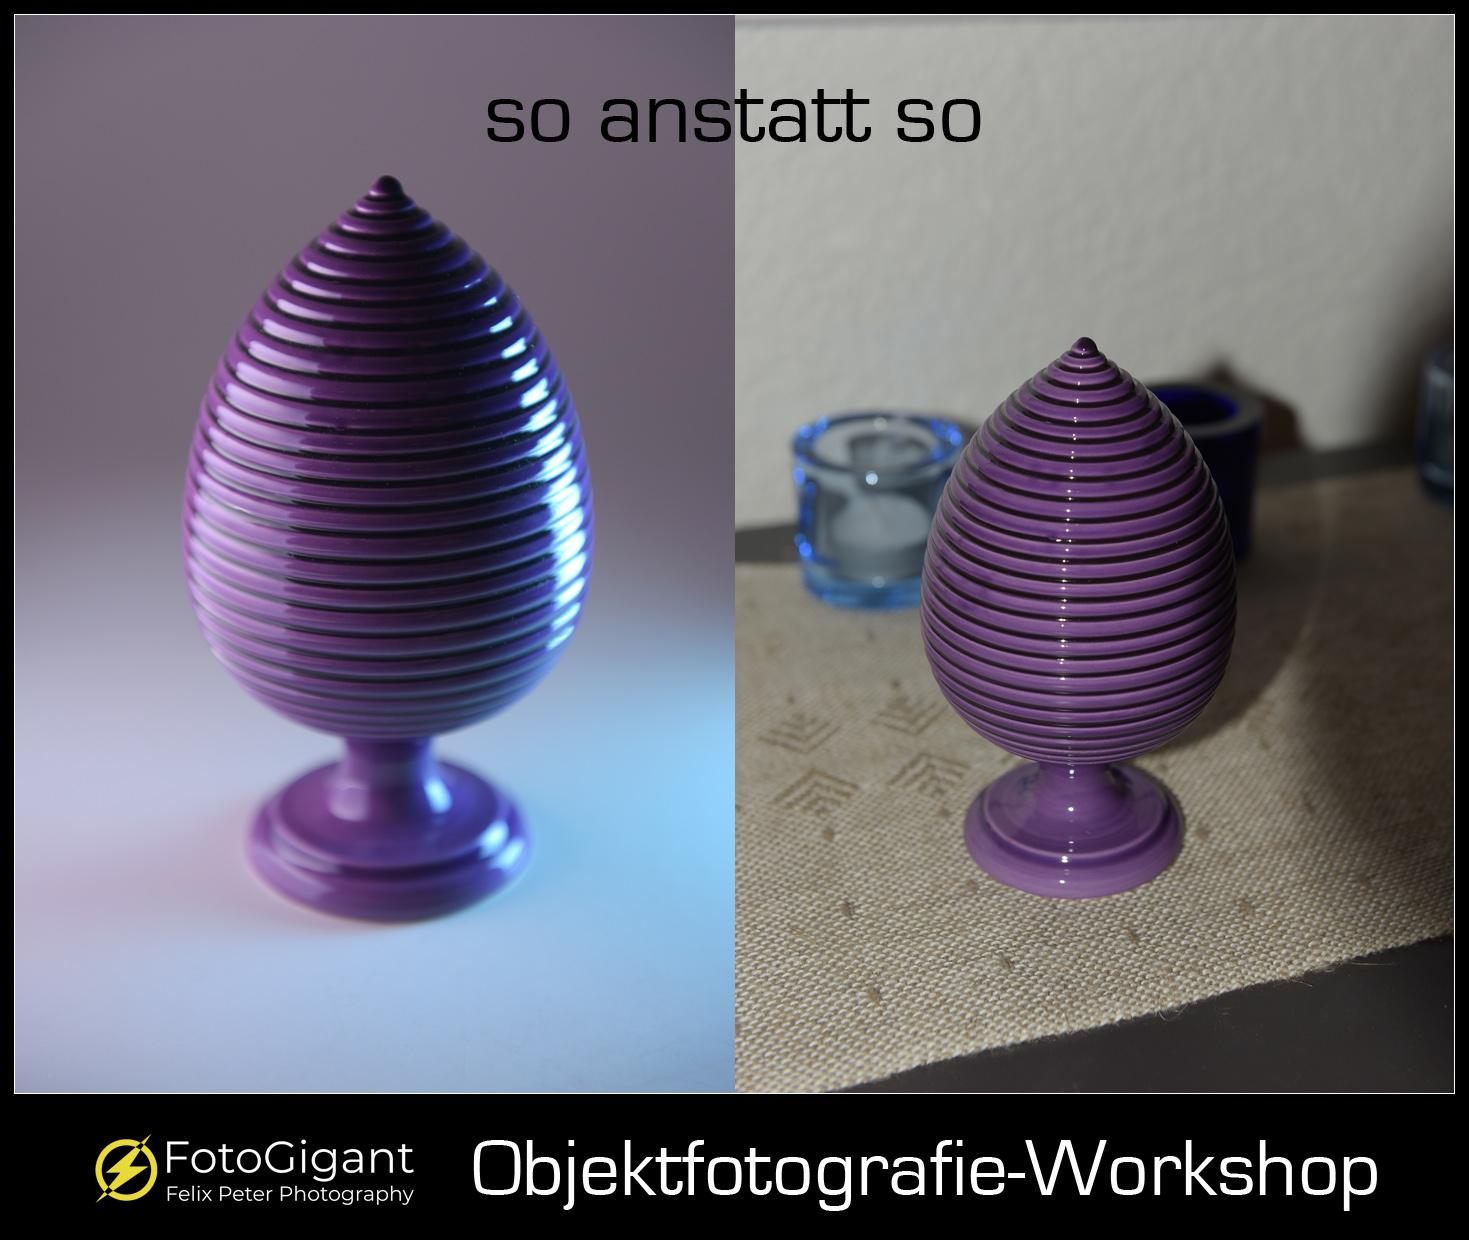 Objektkurs_So-anstatt-So_Bild2.jpg